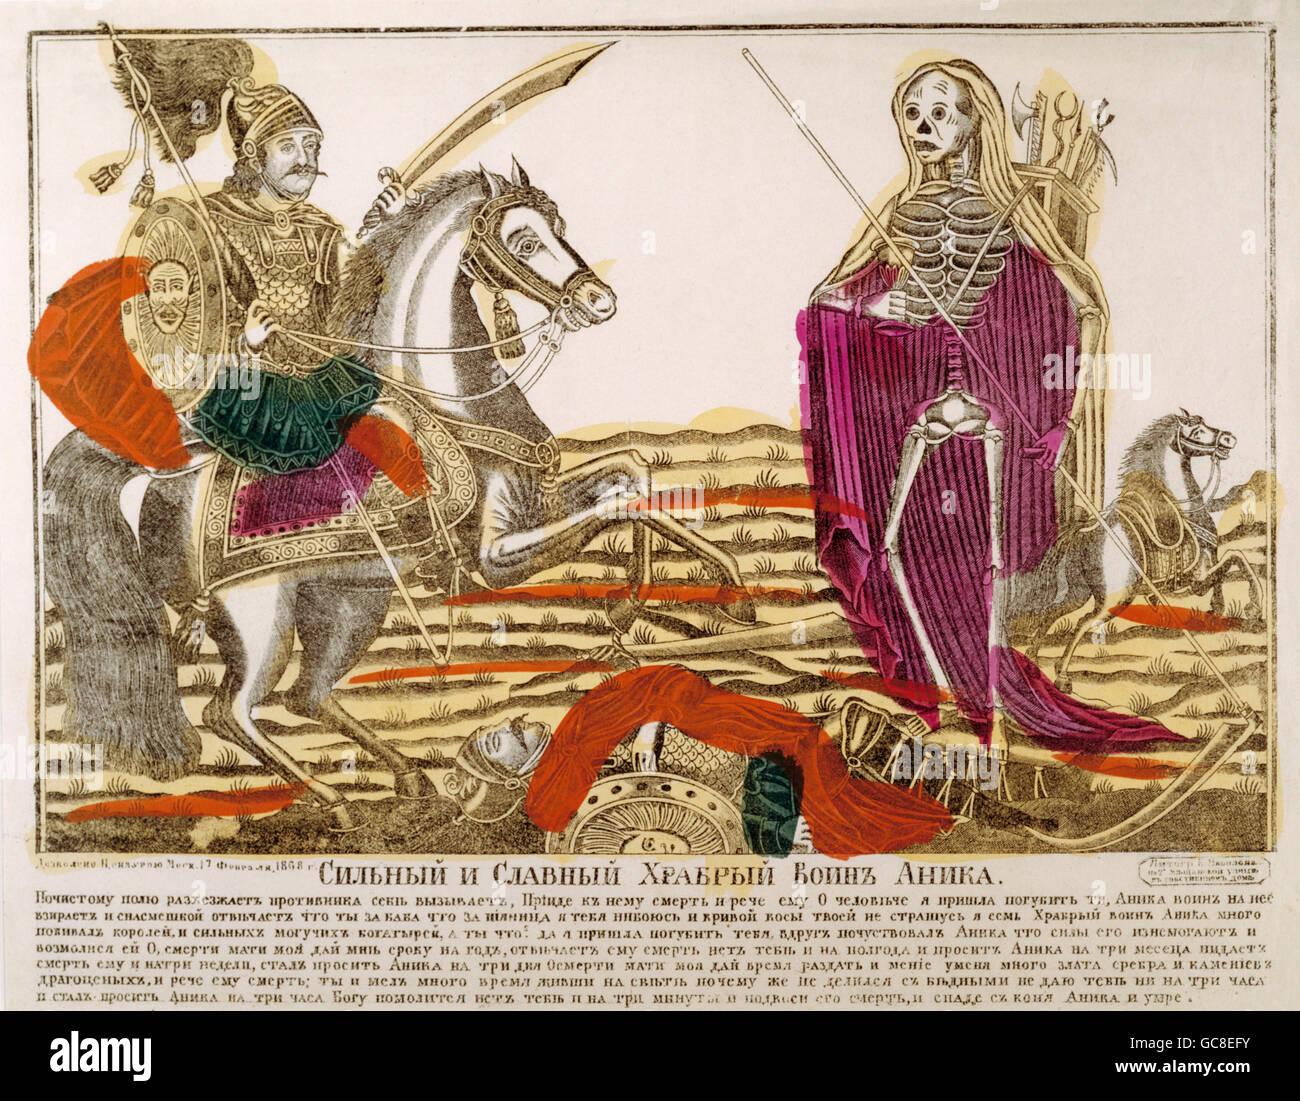 Literatur, Legenden, Russland, der Krieger Anica und dem Tod, Kupferstich, 2. Hälfte 19. Jahrhundert, Staatliches Stockbild